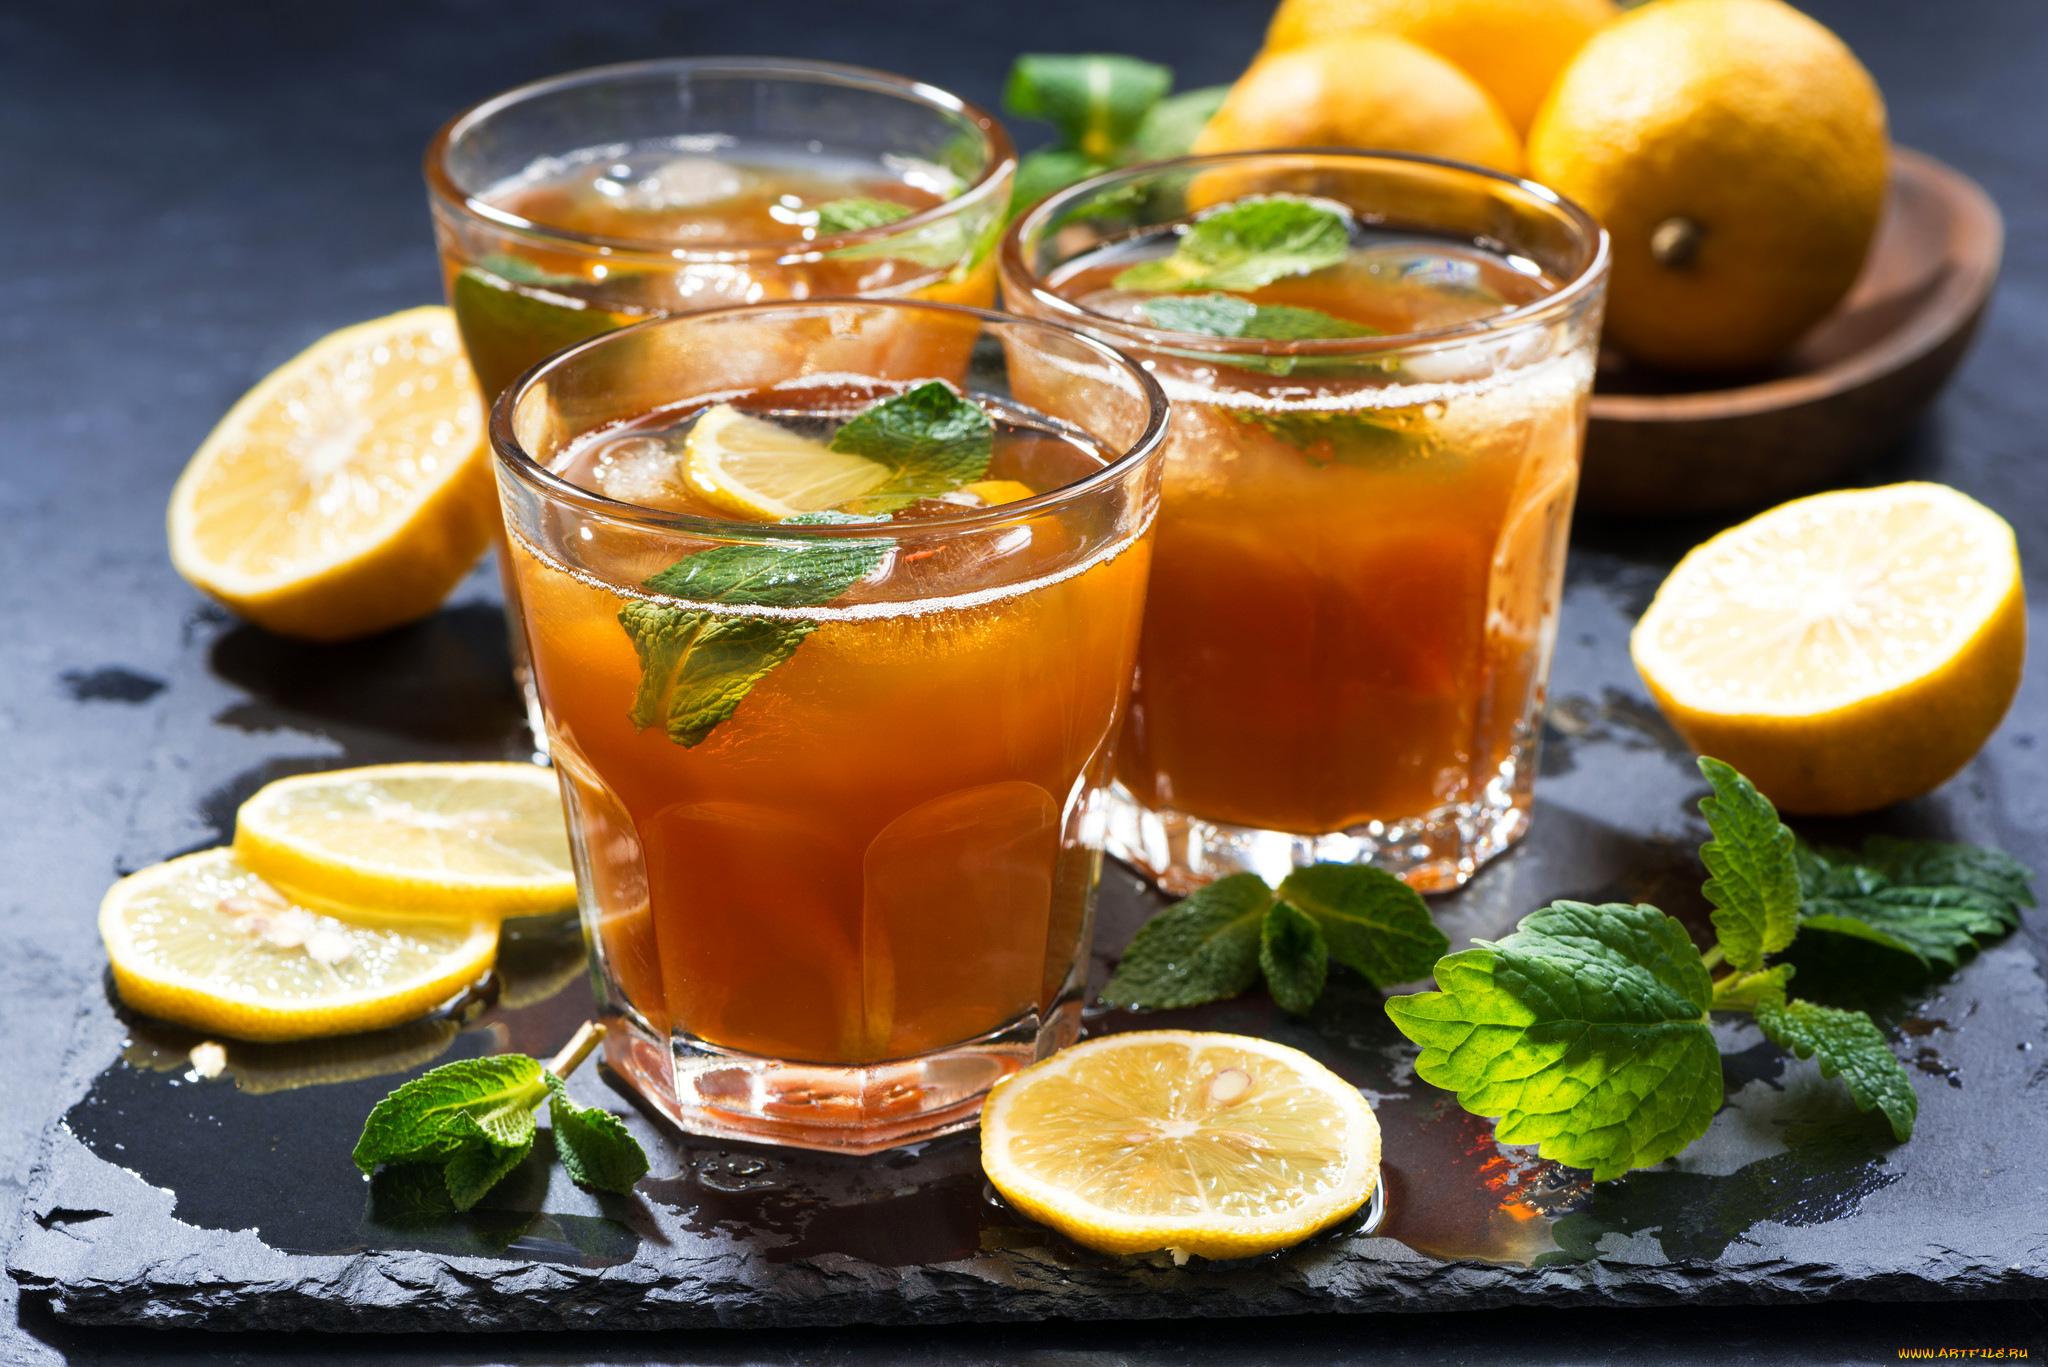 еда чай лимон мята eda tea lemon flicking  № 676176 загрузить